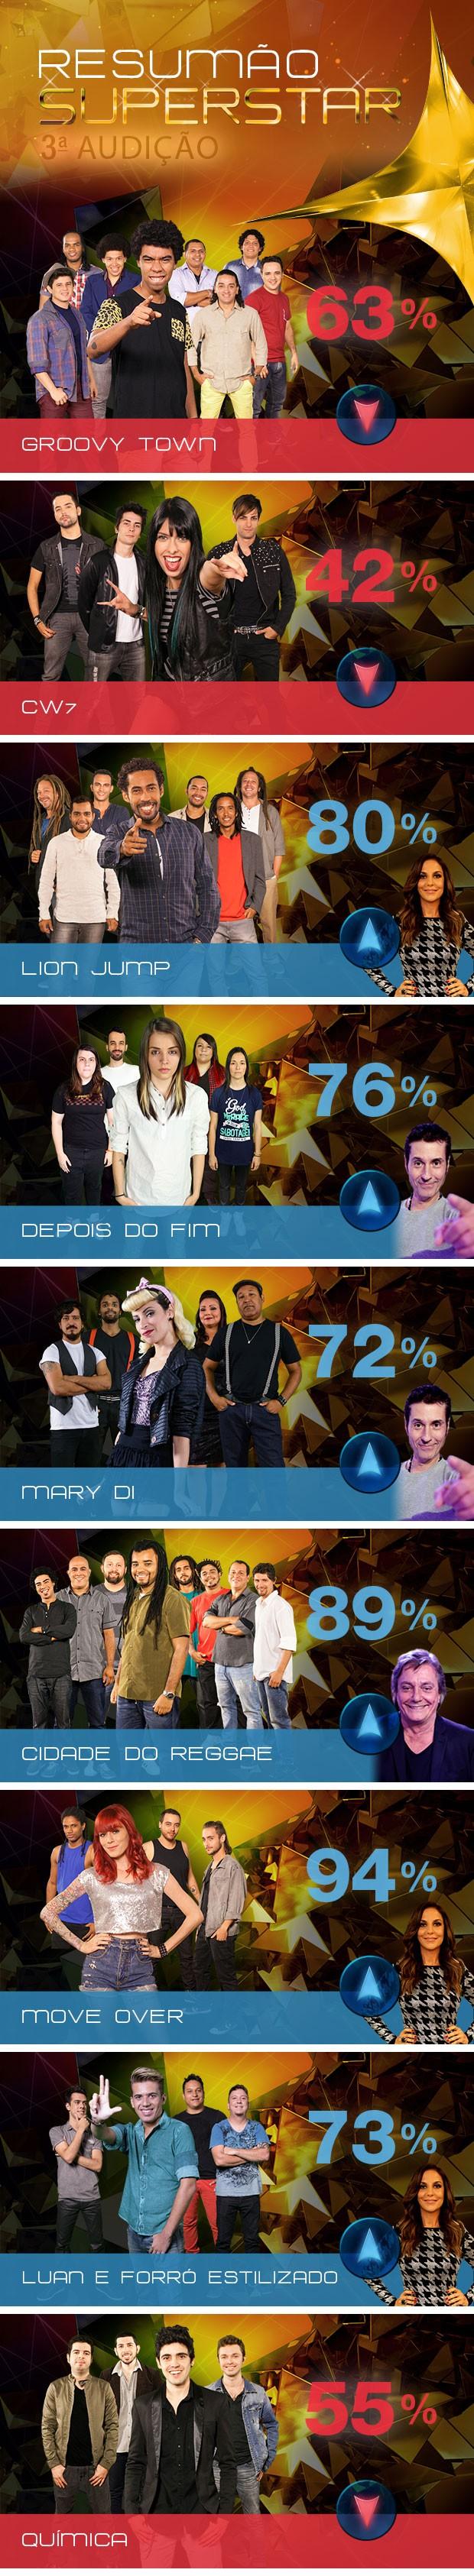 Resumão balanço Audição 3 valendo 2 (Foto: SuperStar/TV Globo)